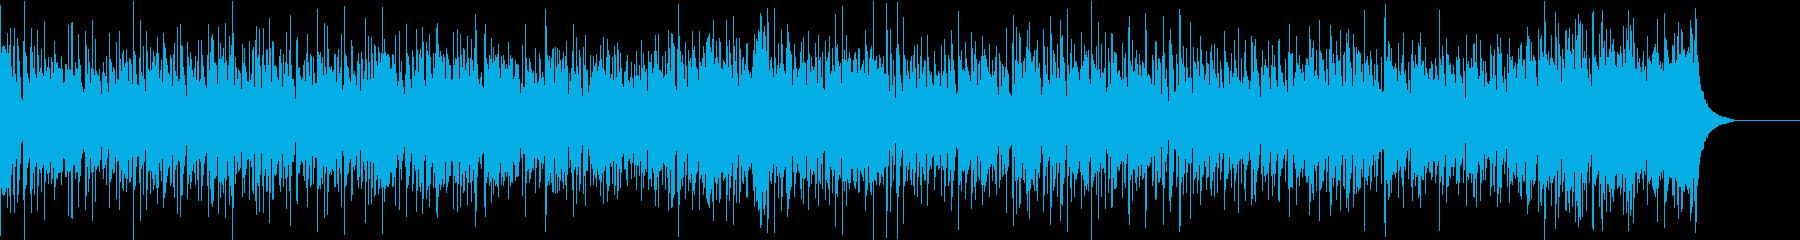 アップテンポで軽快なほのぼのポップロックの再生済みの波形